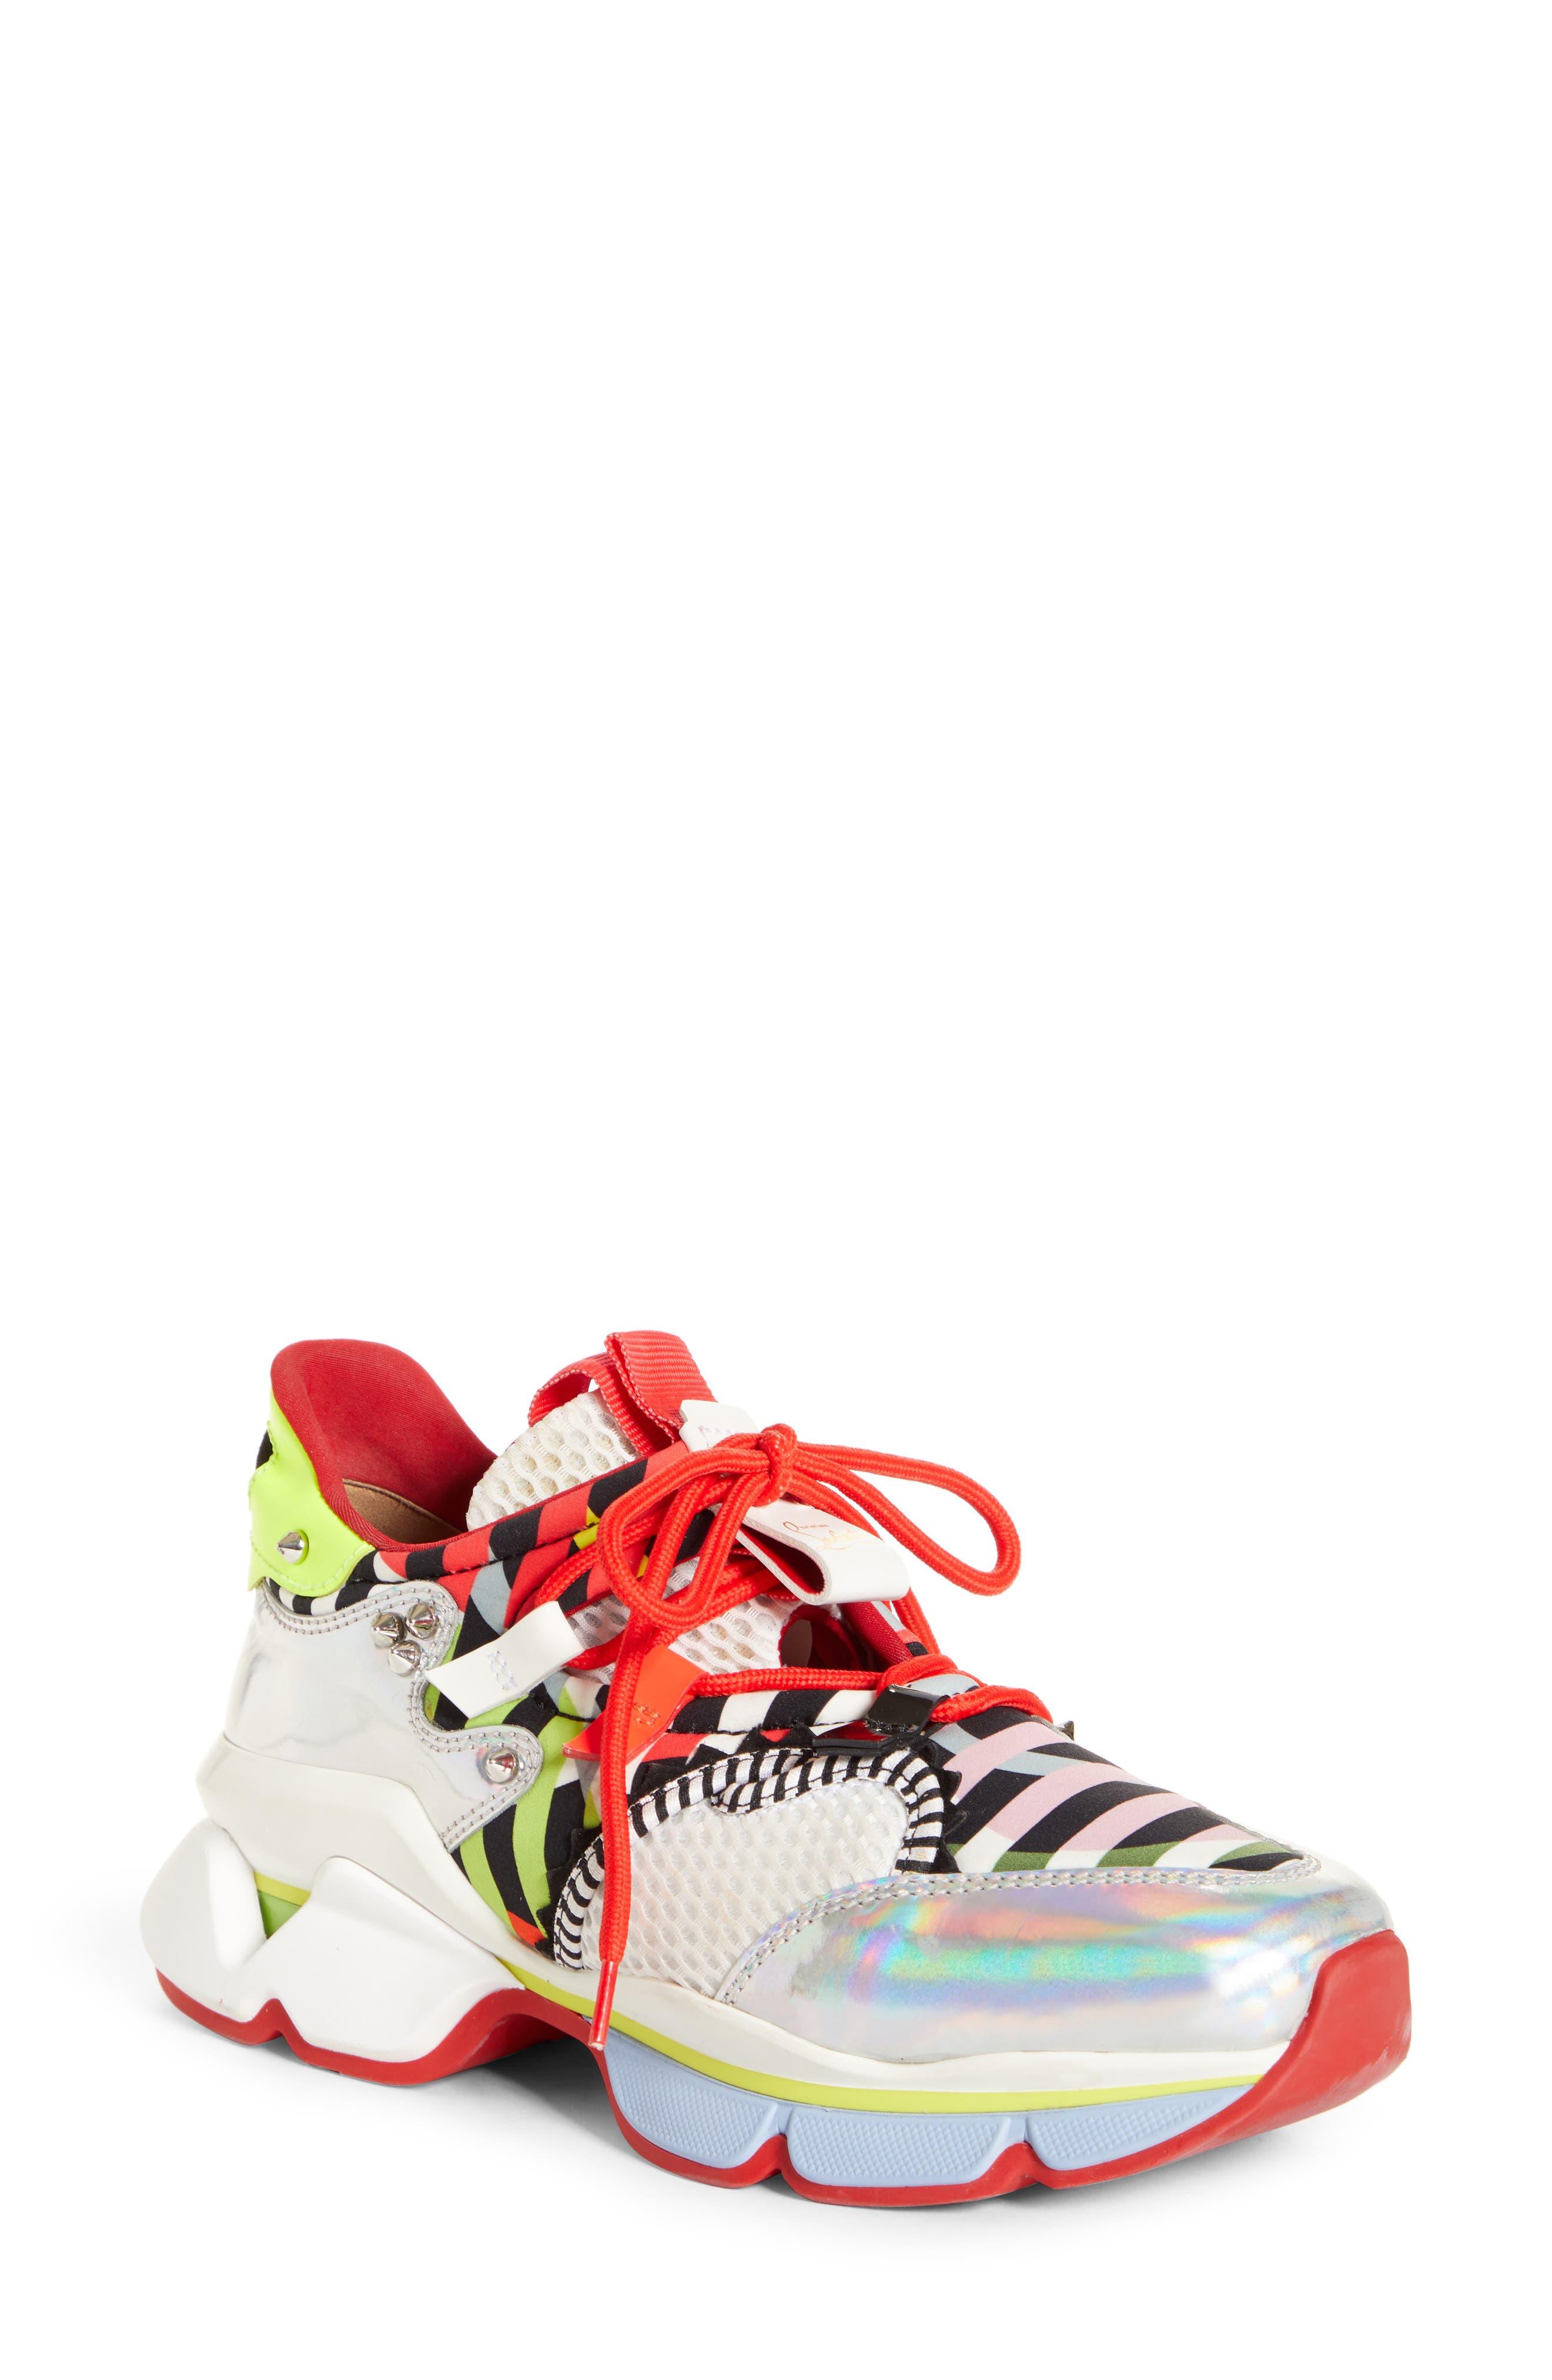 0bb7f0425cf christian louboutin sport sneakers for women - Buy best women's ...